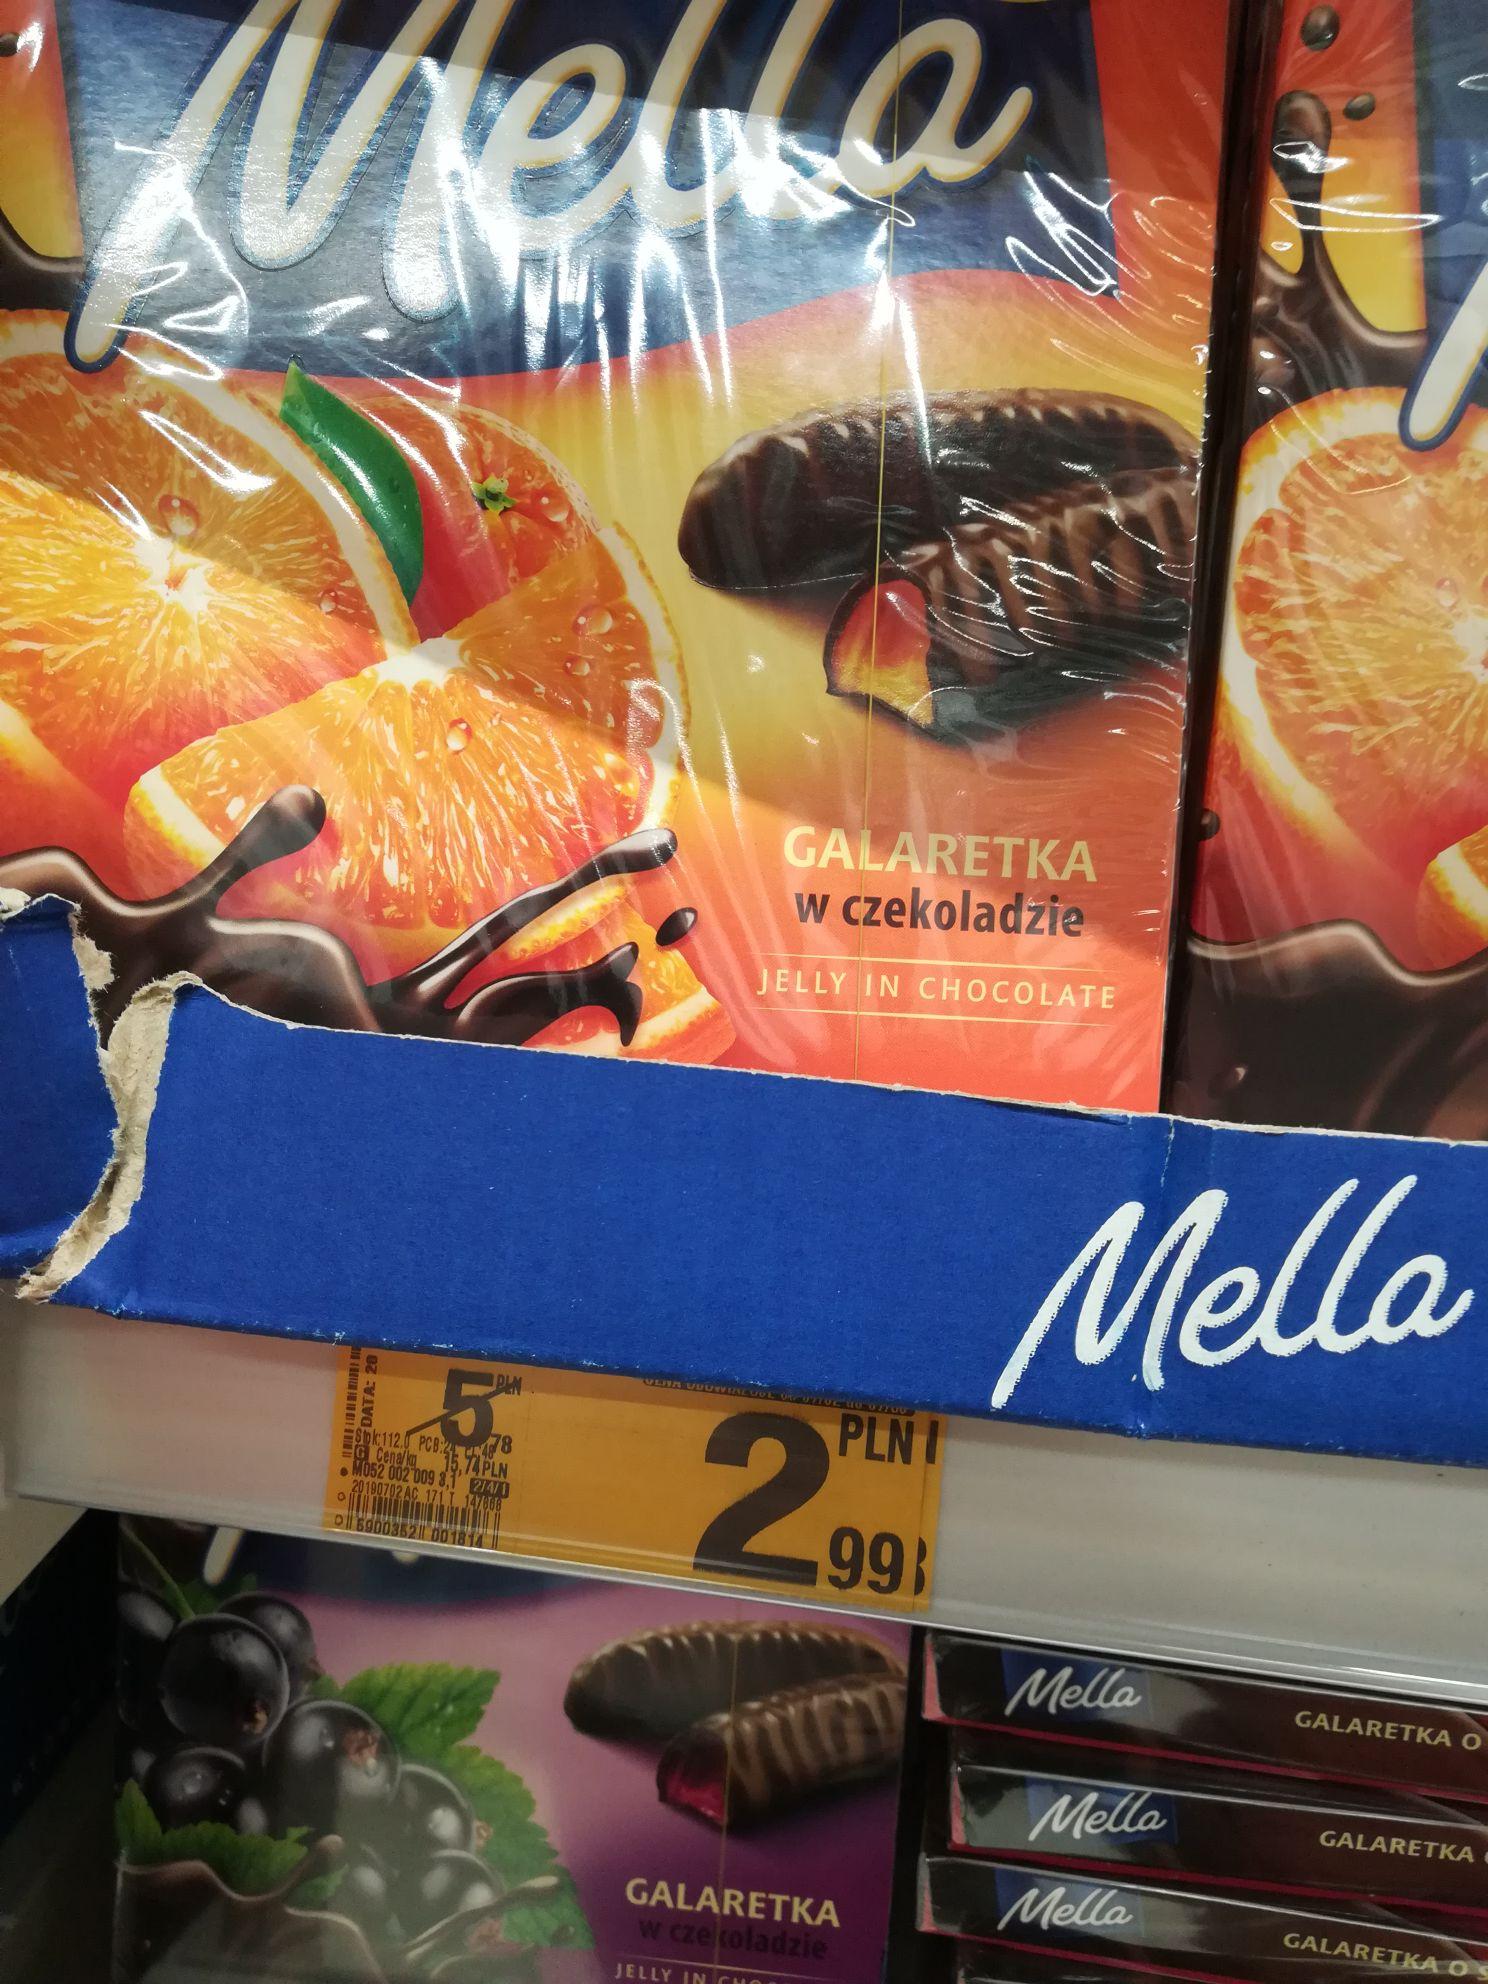 Mella. Galaretka w czekoladzie. Pomarańczowa.